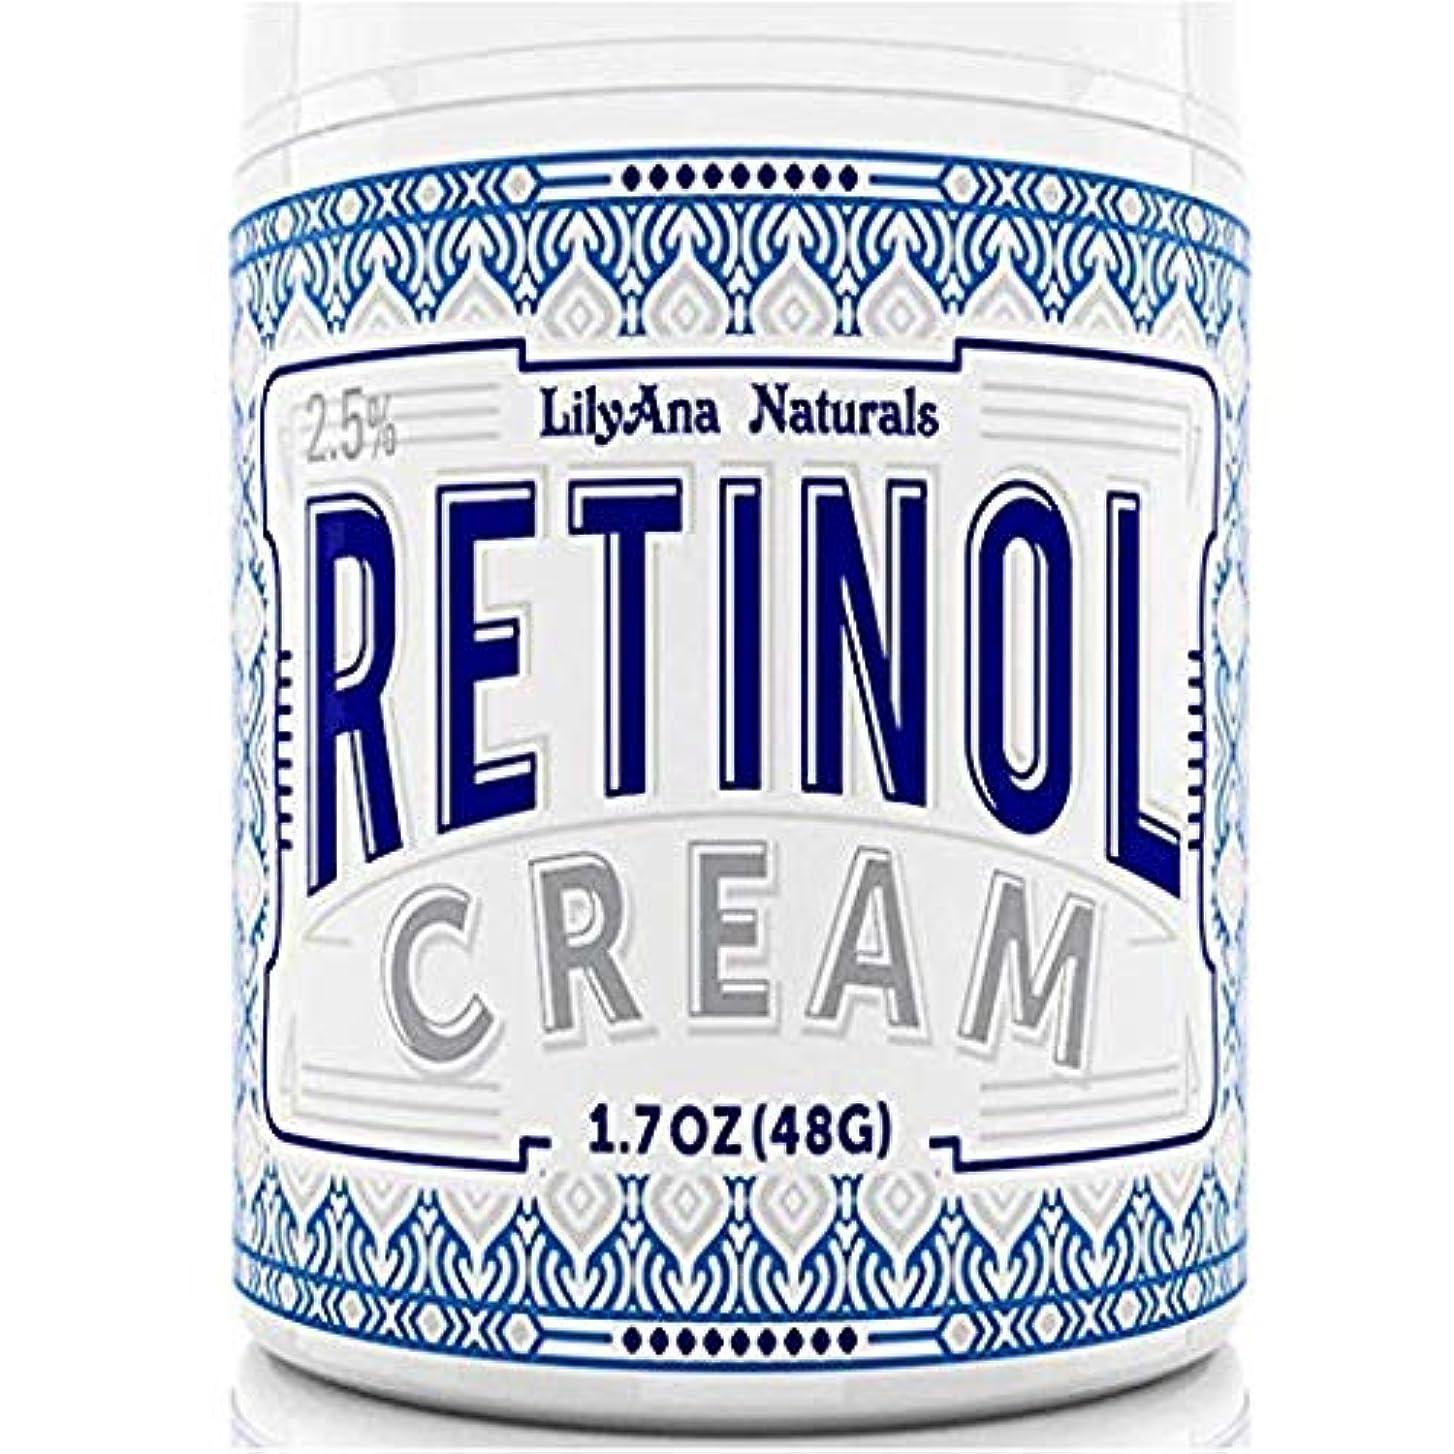 ゴム胆嚢電気LilyAna 社 の レチノール モイスチャー クリーム LilyAna Naturals Retinol Cream Moisturizer 1.7 Oz